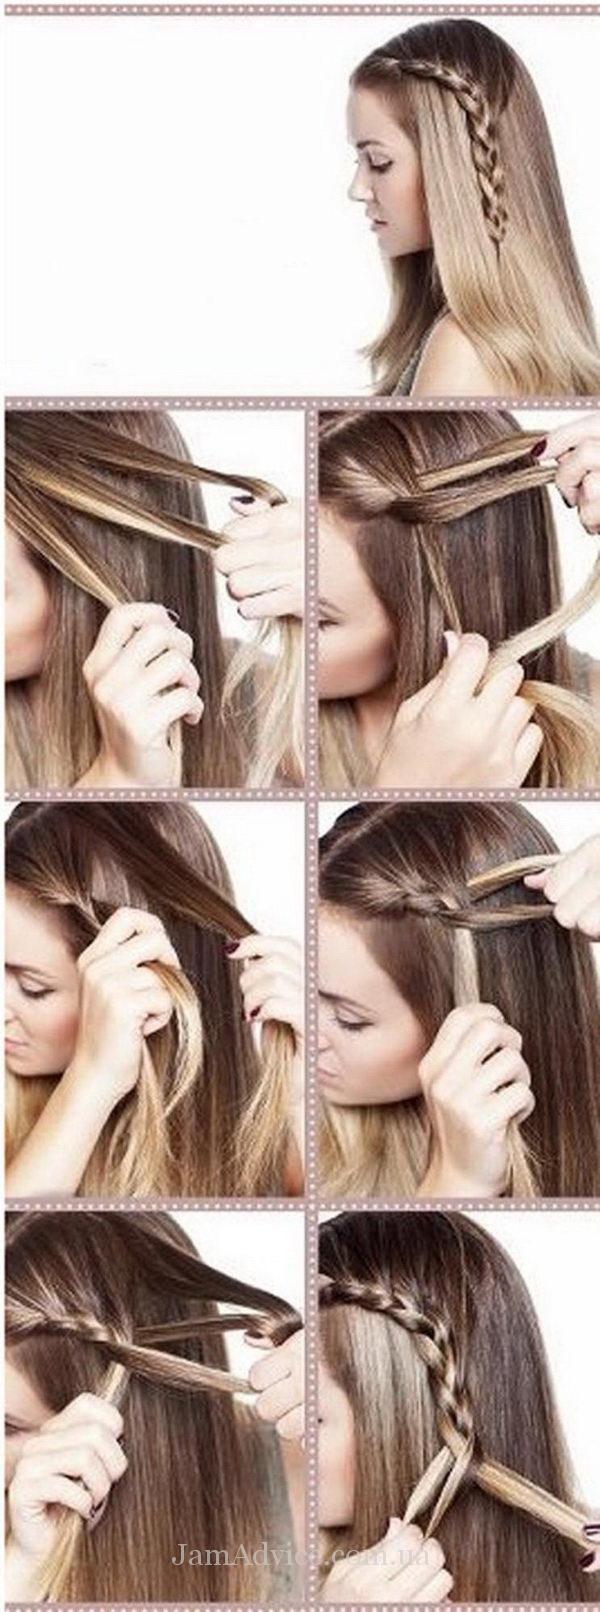 Прически на длинные волосы: Коса-акцент